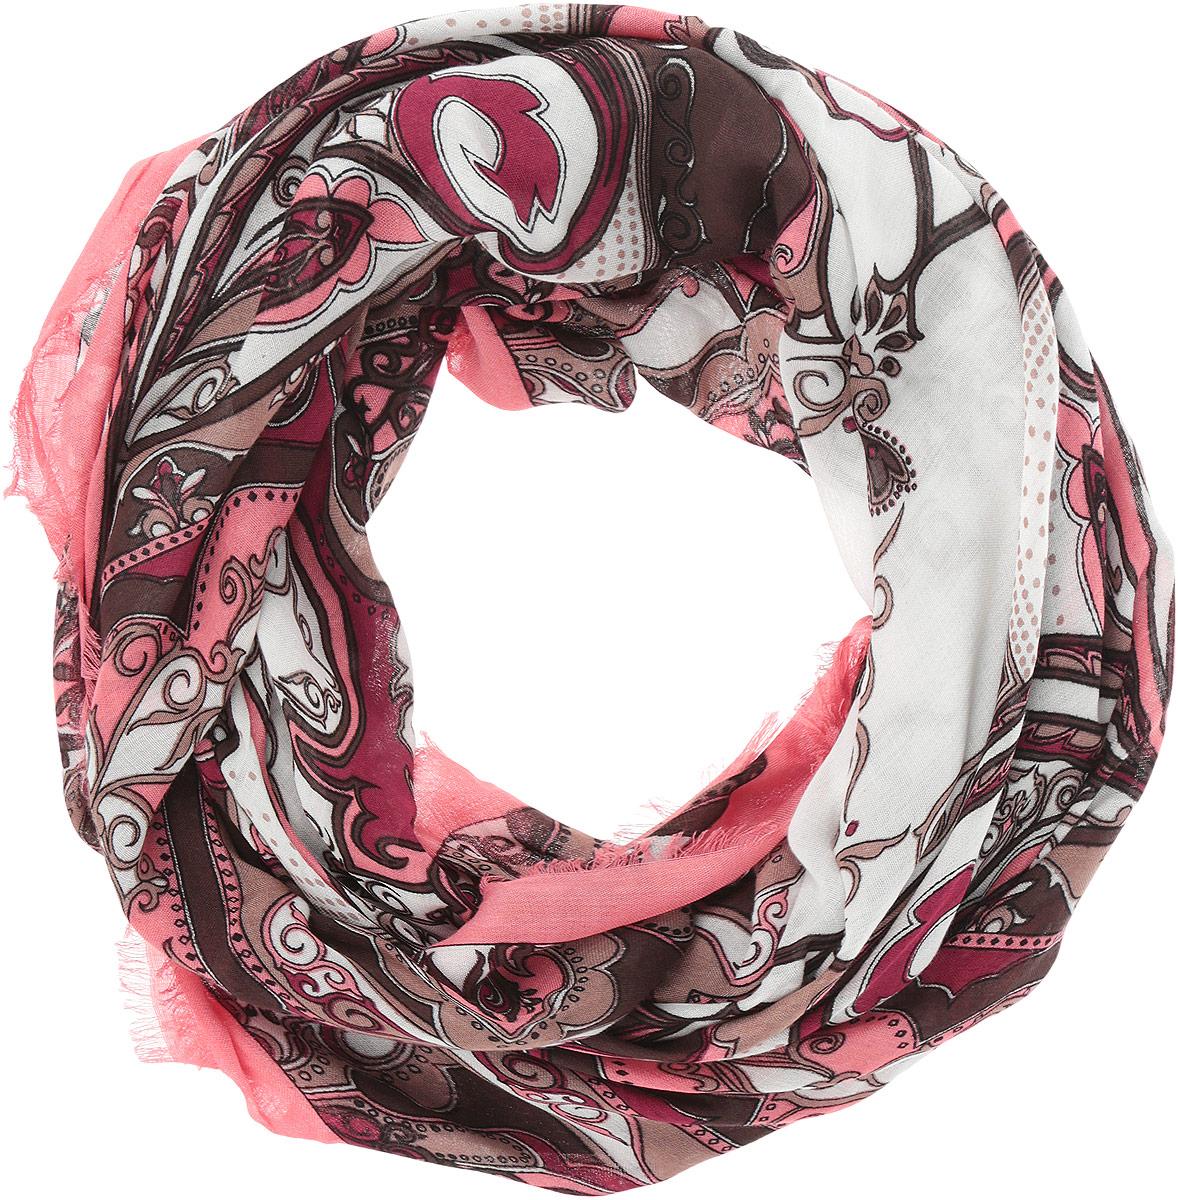 Платок женский Fabretti, цвет: розовый, белый. DS2015-004-25. Размер 111 см х 111 смDS2015-004-25Стильный женский платок Fabretti станет великолепным завершением любого наряда. Платок изготовлен из высококачественного модала с добавлением вискозы, оформлен сложным растительным орнаментом и украшен тонкой бахромой по краям. Классическая квадратная форма позволяет носить платок на шее, украшать им прическу или декорировать сумочку. Мягкий и шелковистый платок поможет вам создать изысканный женственный образ, а также согреет в непогоду. Такой платок превосходно дополнит любой наряд и подчеркнет ваш неповторимый вкус и элегантность.